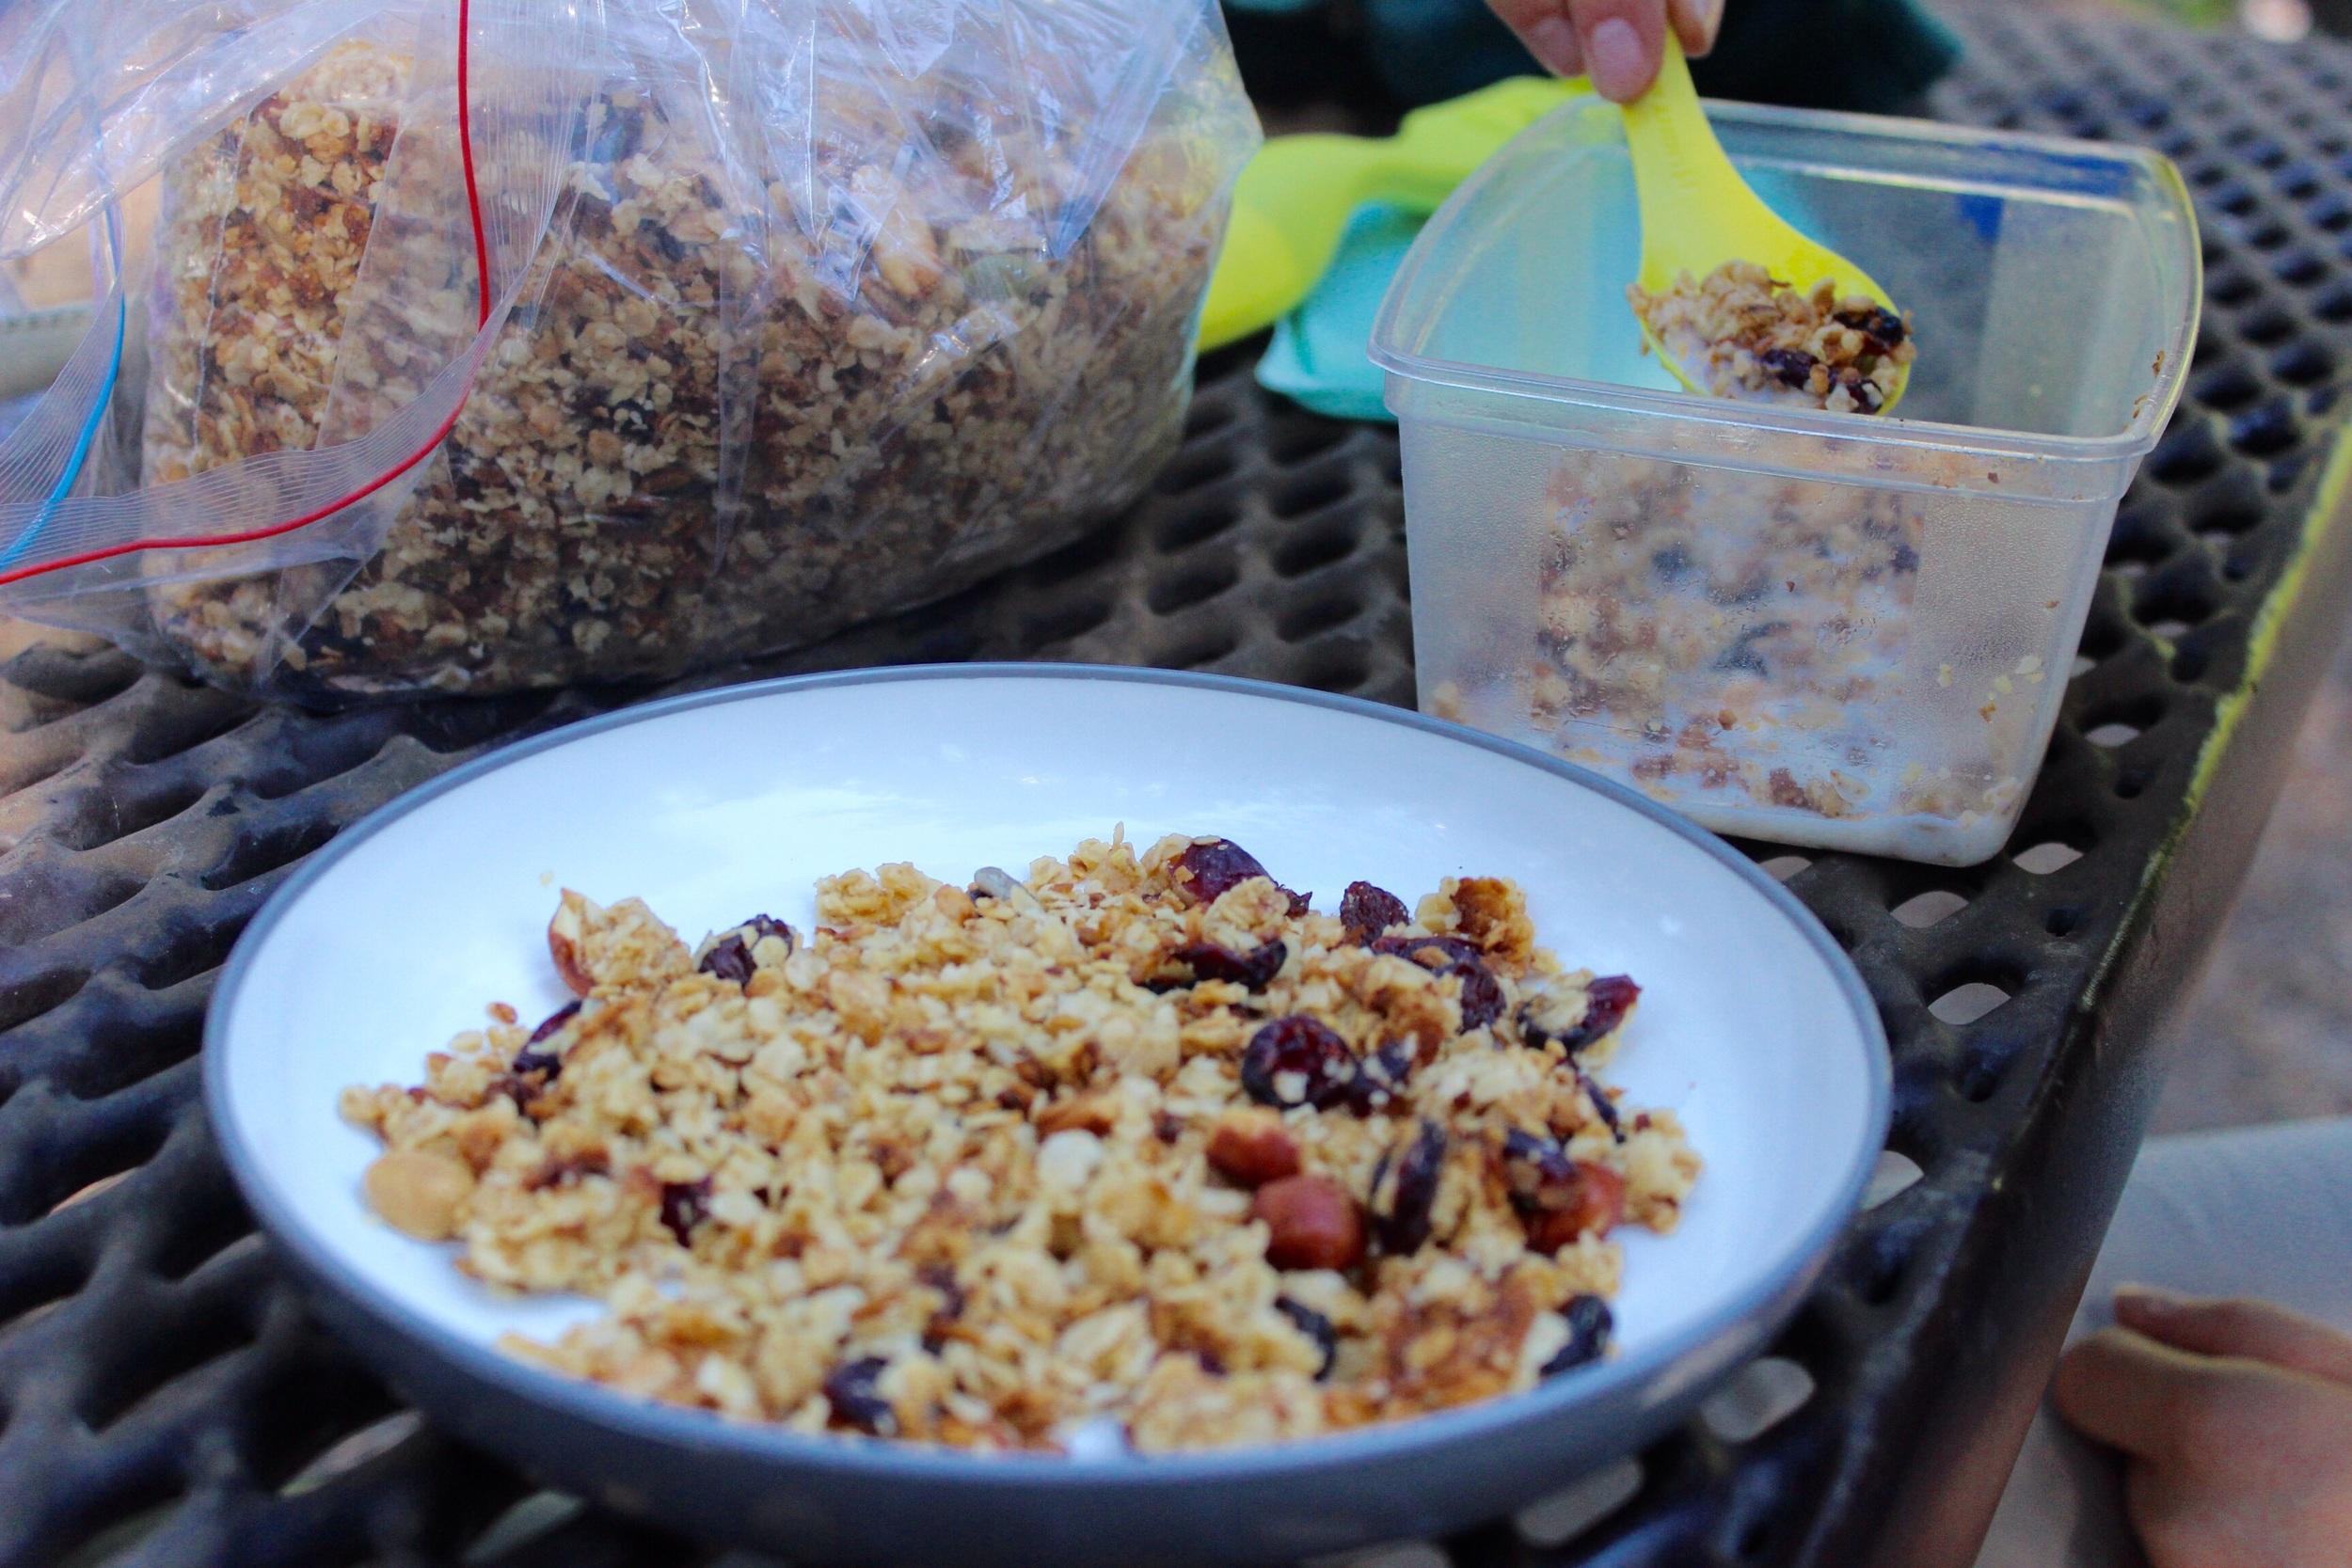 Homemade granola for breakfast